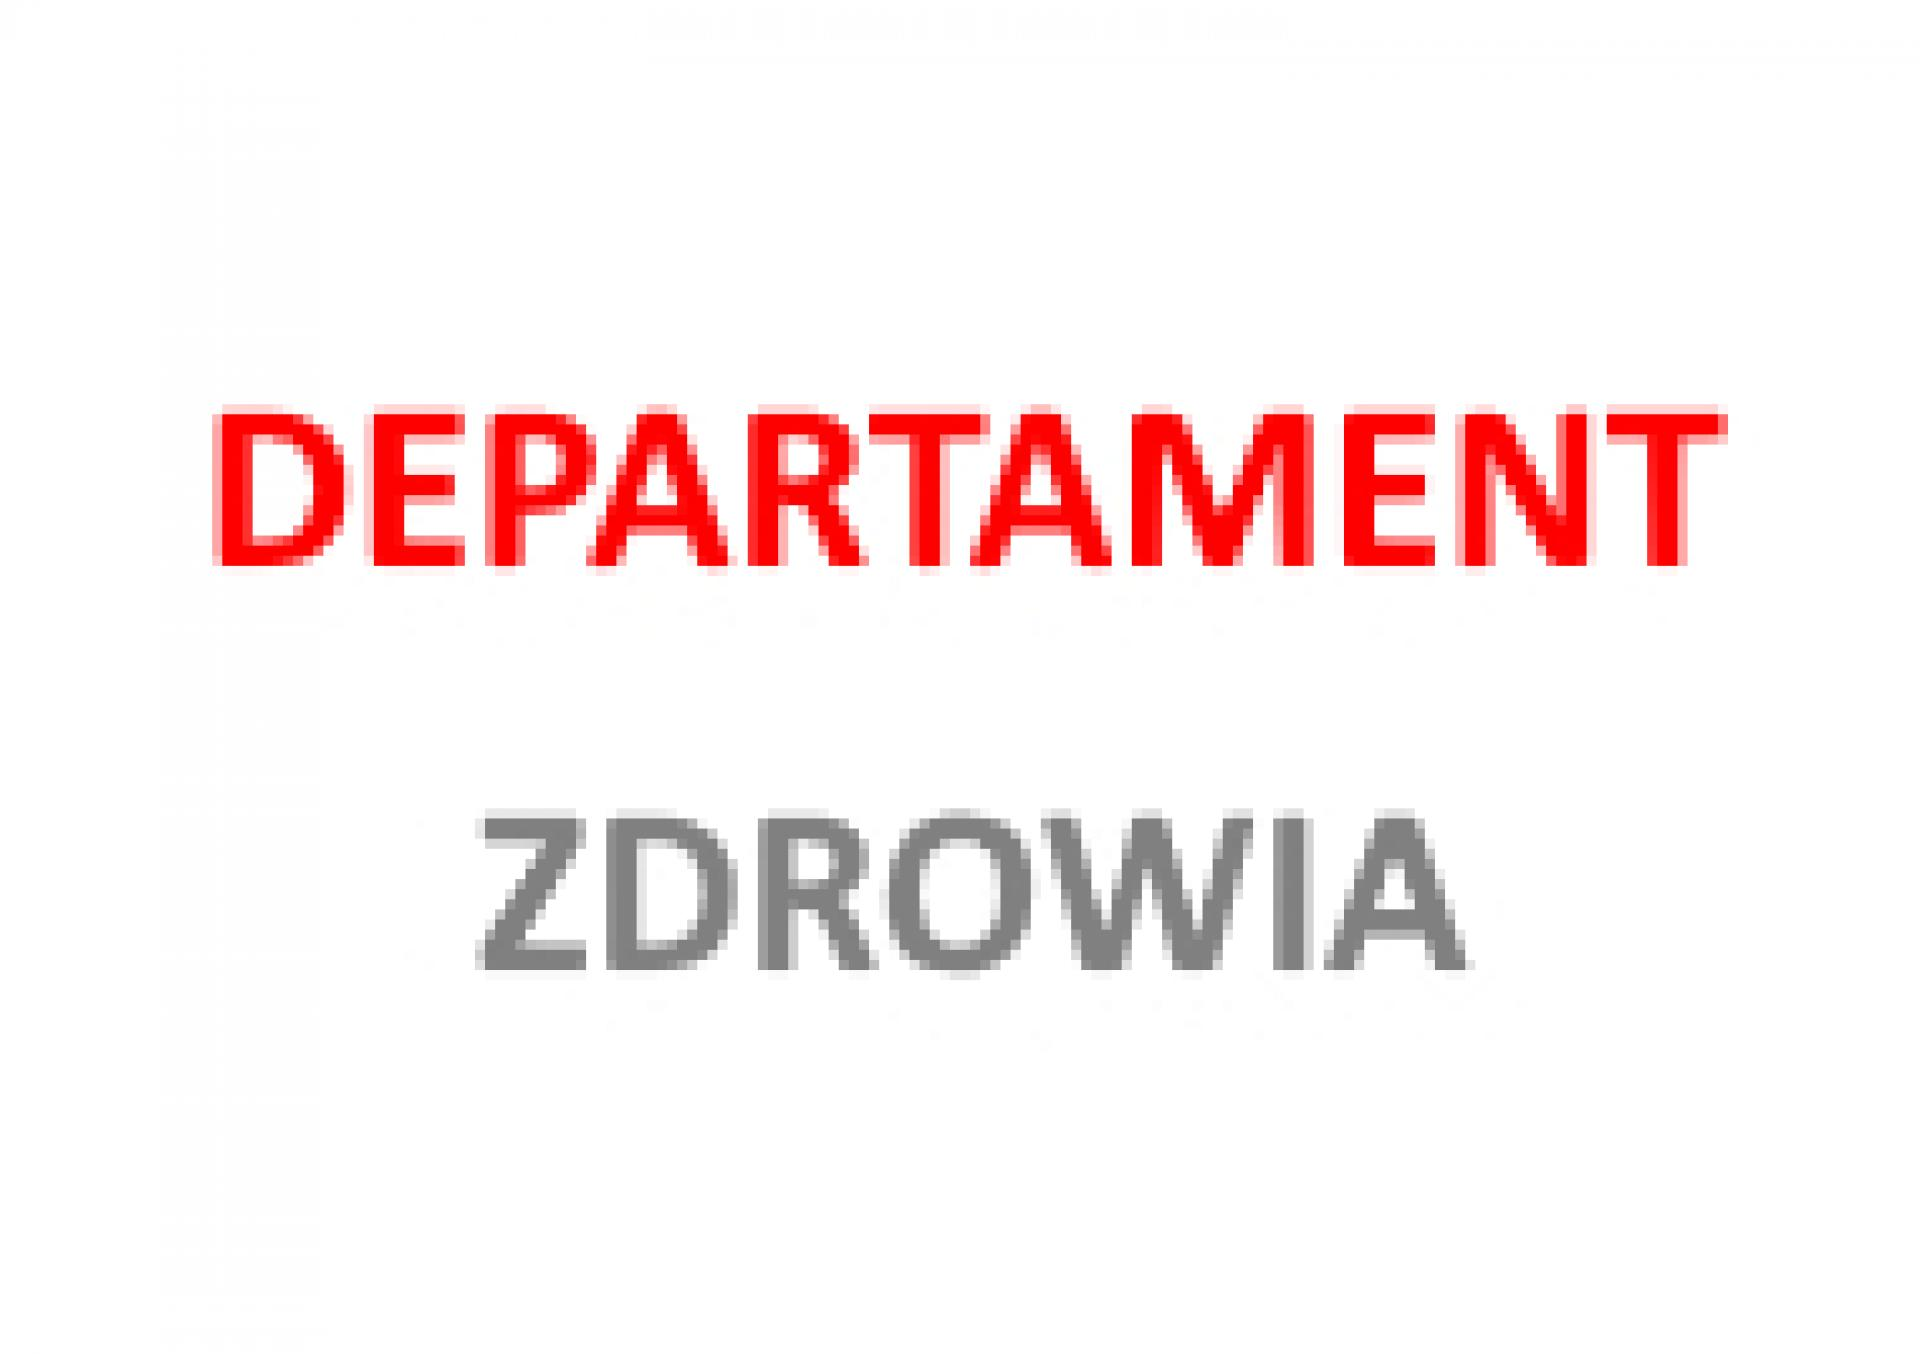 Konsultacje projektu uchwały Sejmiku zmieniającej uchwałę w sprawie nadania statutu Wojewódzkiemu Specjalistycznemu Zespołowi Zakładów Opieki Zdrowotnej Chorób Płuc i Gruźlicy w Wolicy - zobacz więcej